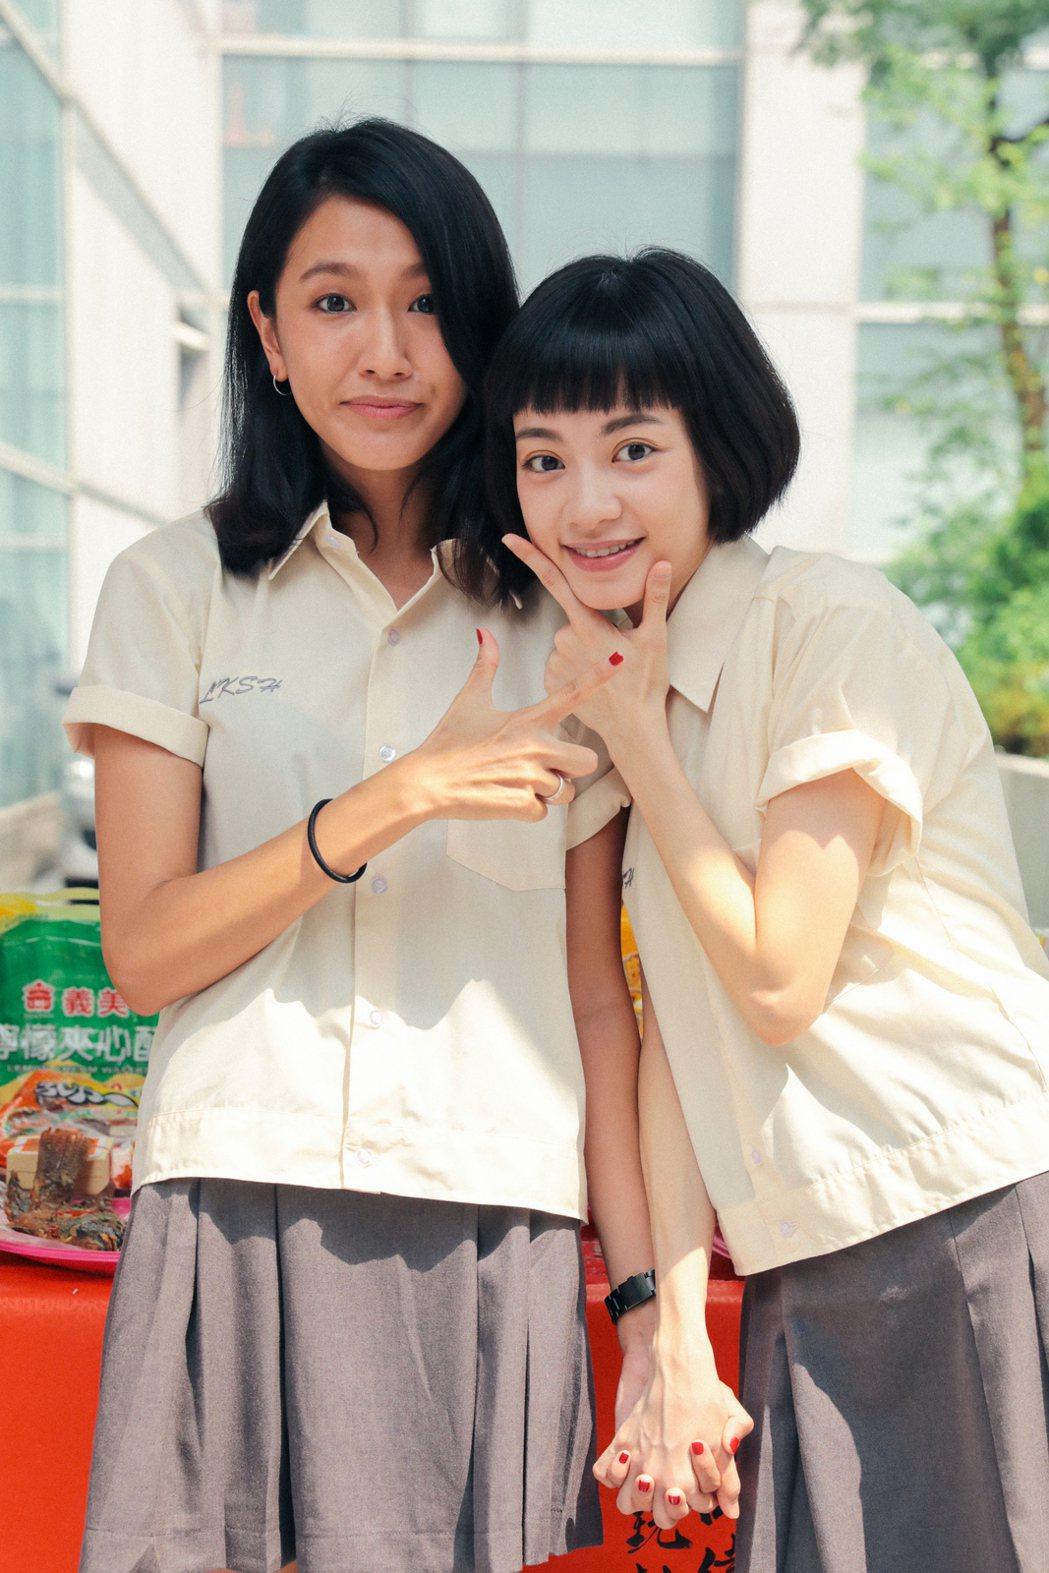 姚愛寗(右)、林意箴在新戲「海吉拉」中有段複雜糾葛的愛情關係。圖/緯來提供